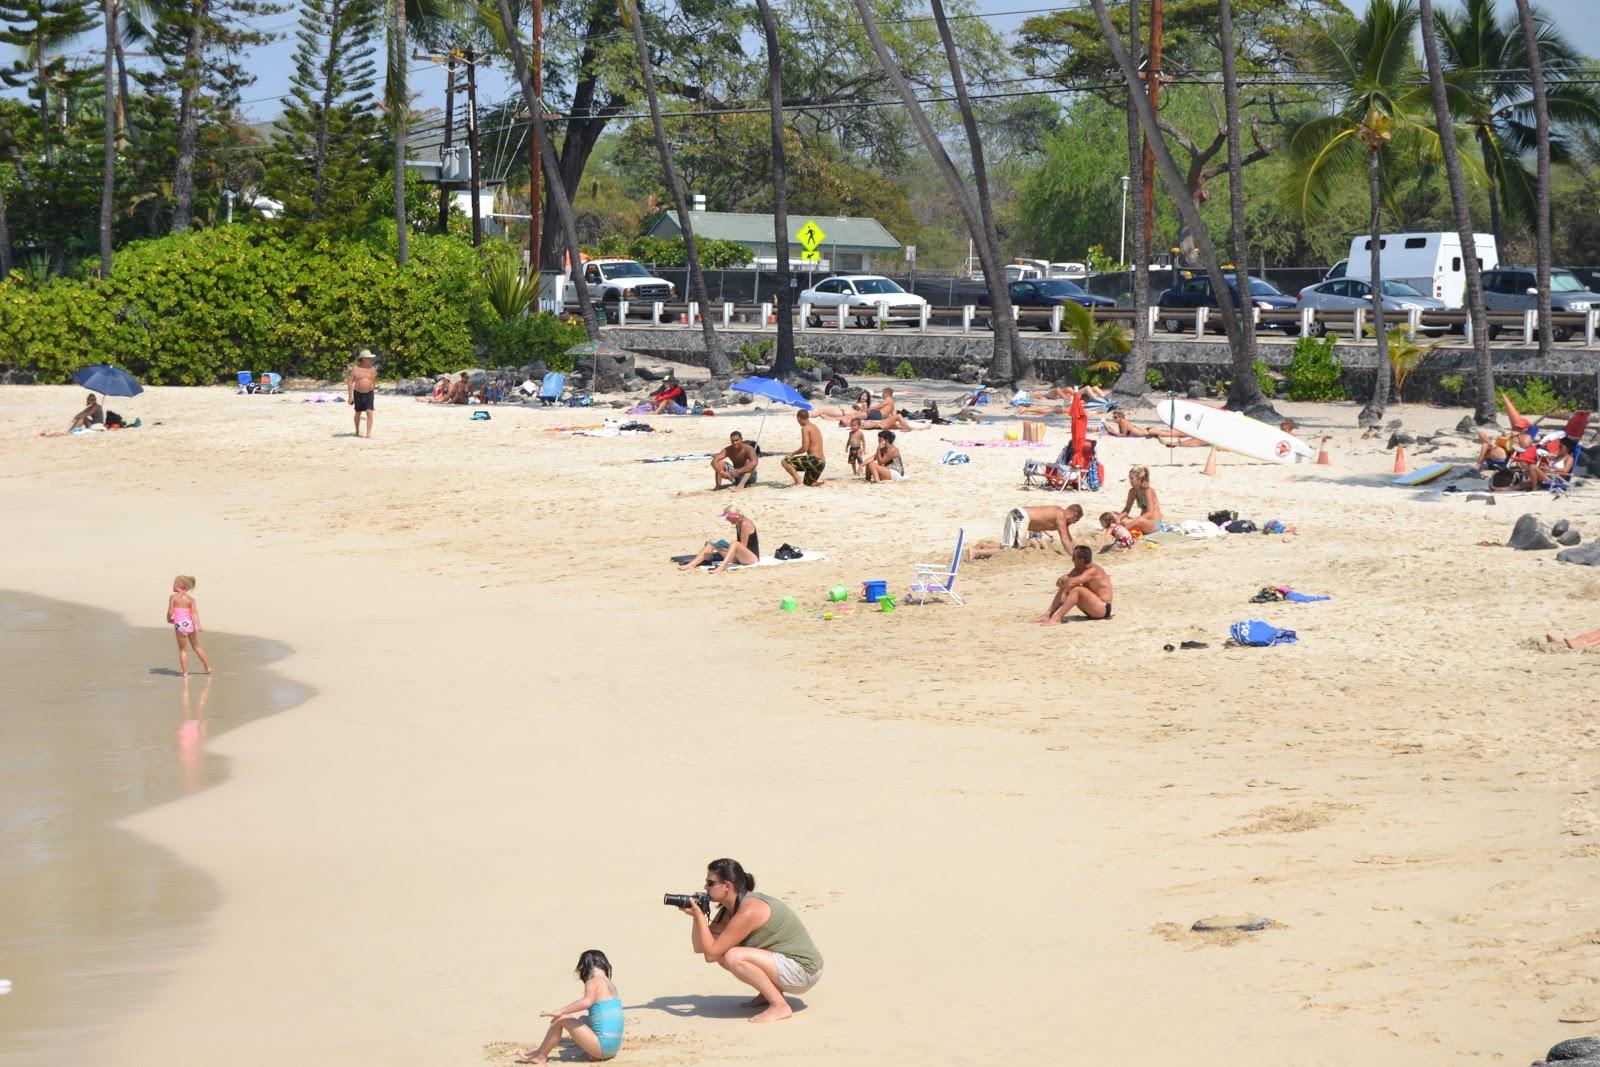 Matkalla Havaijin Ironmaniin : Lomalailua sanan varsinaisessa merkityksessä